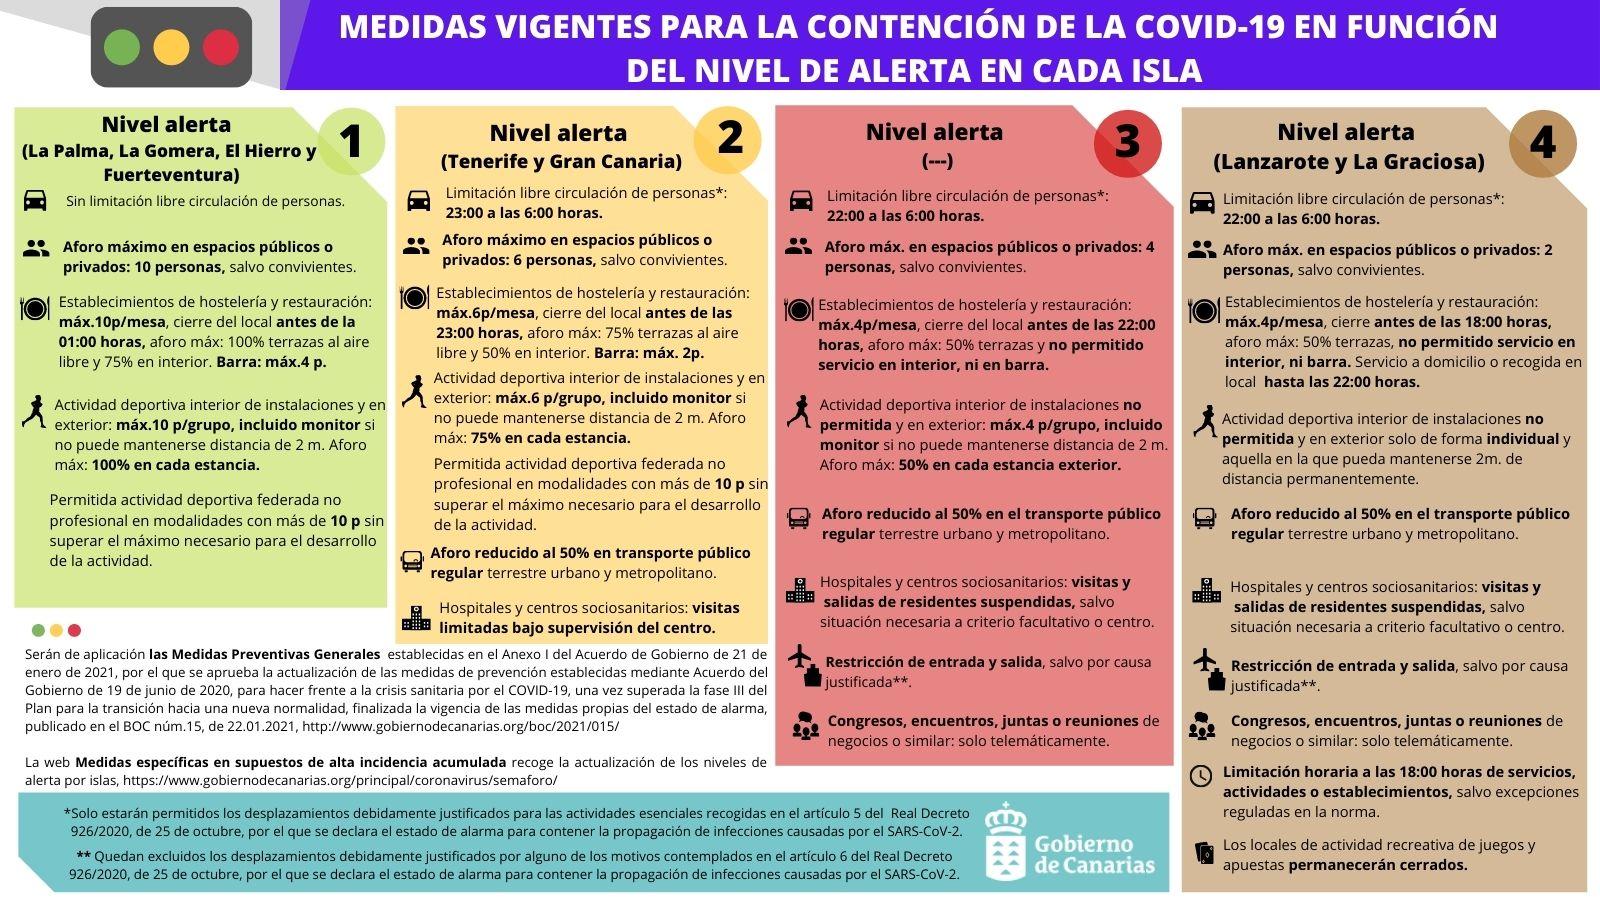 MEDIDAS-PARA-LA-CONTENCIÓN-DE-LA-COVID-19-EN-FUNCIÓN-DEL-NIVEL-DE-ALERTA-EN-CADA-ISLA